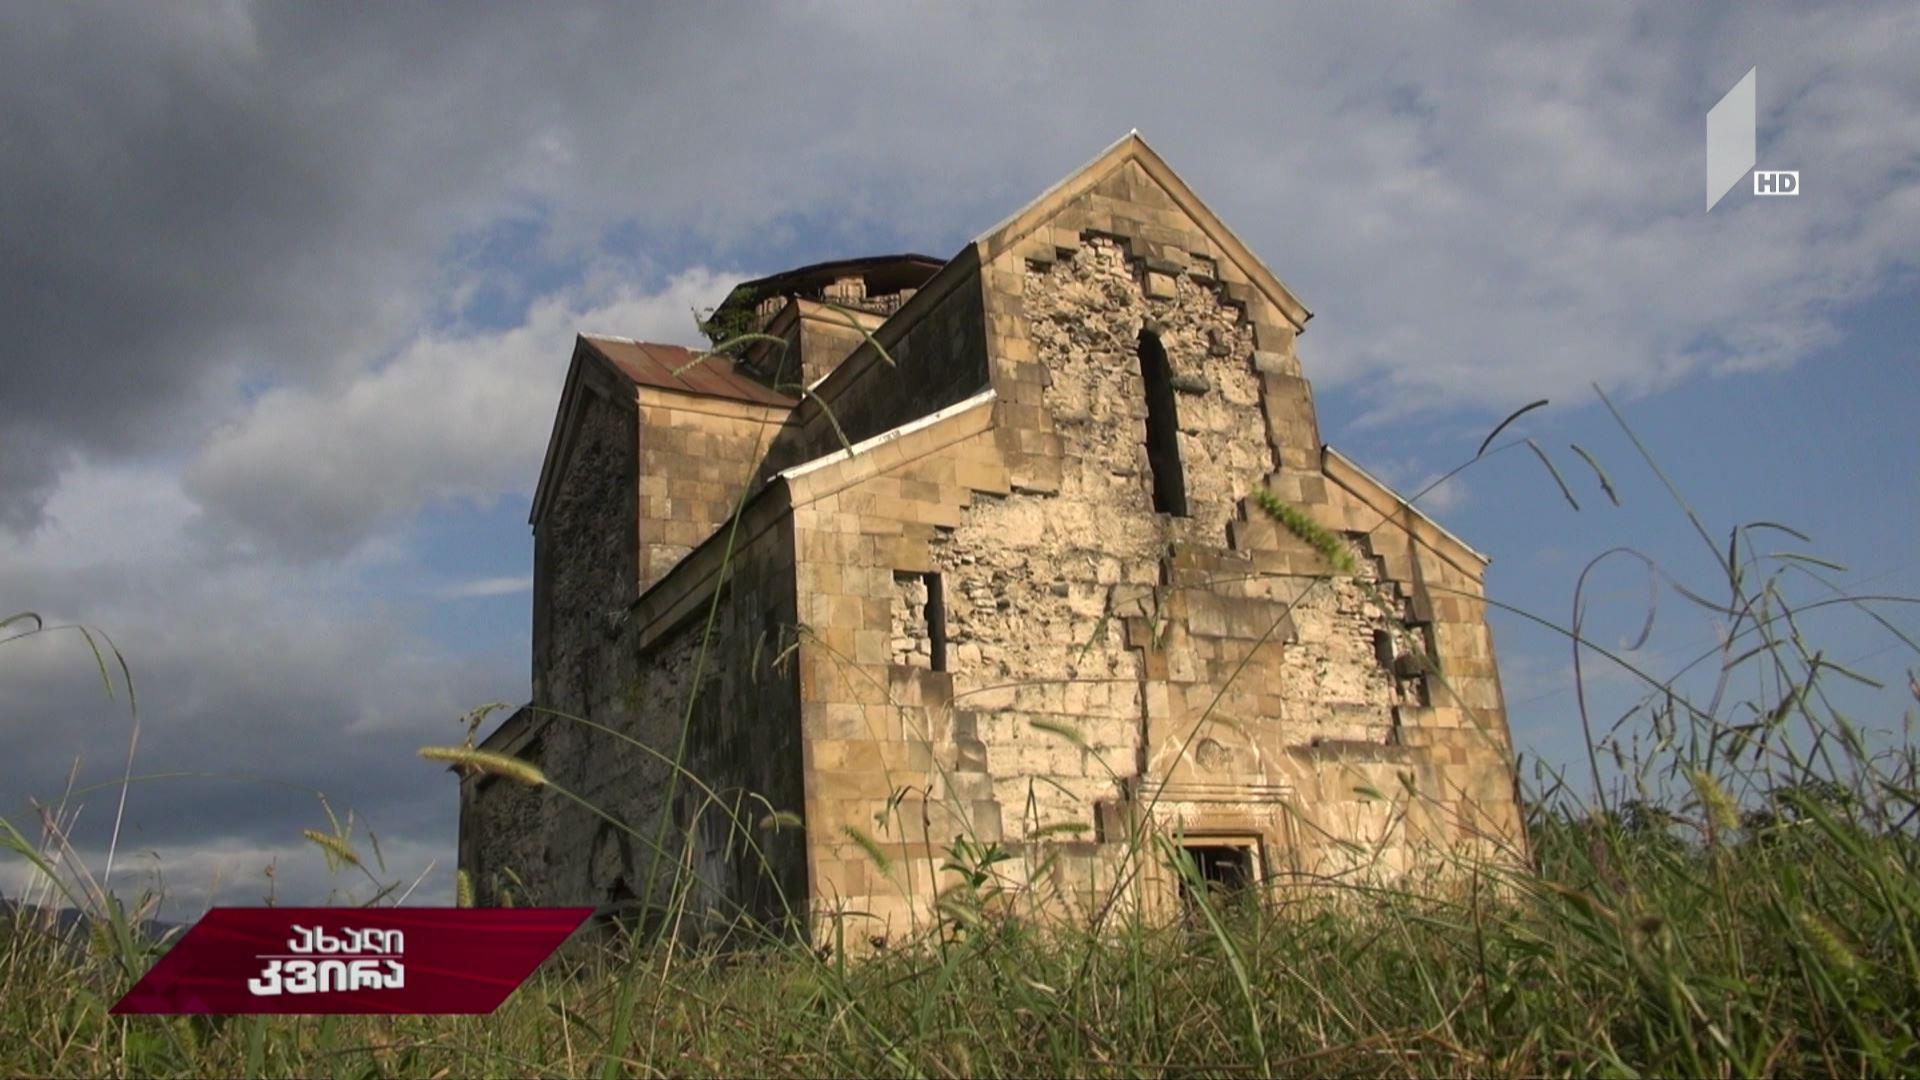 განადგურებული ქართული ტაძრები აფხაზეთში